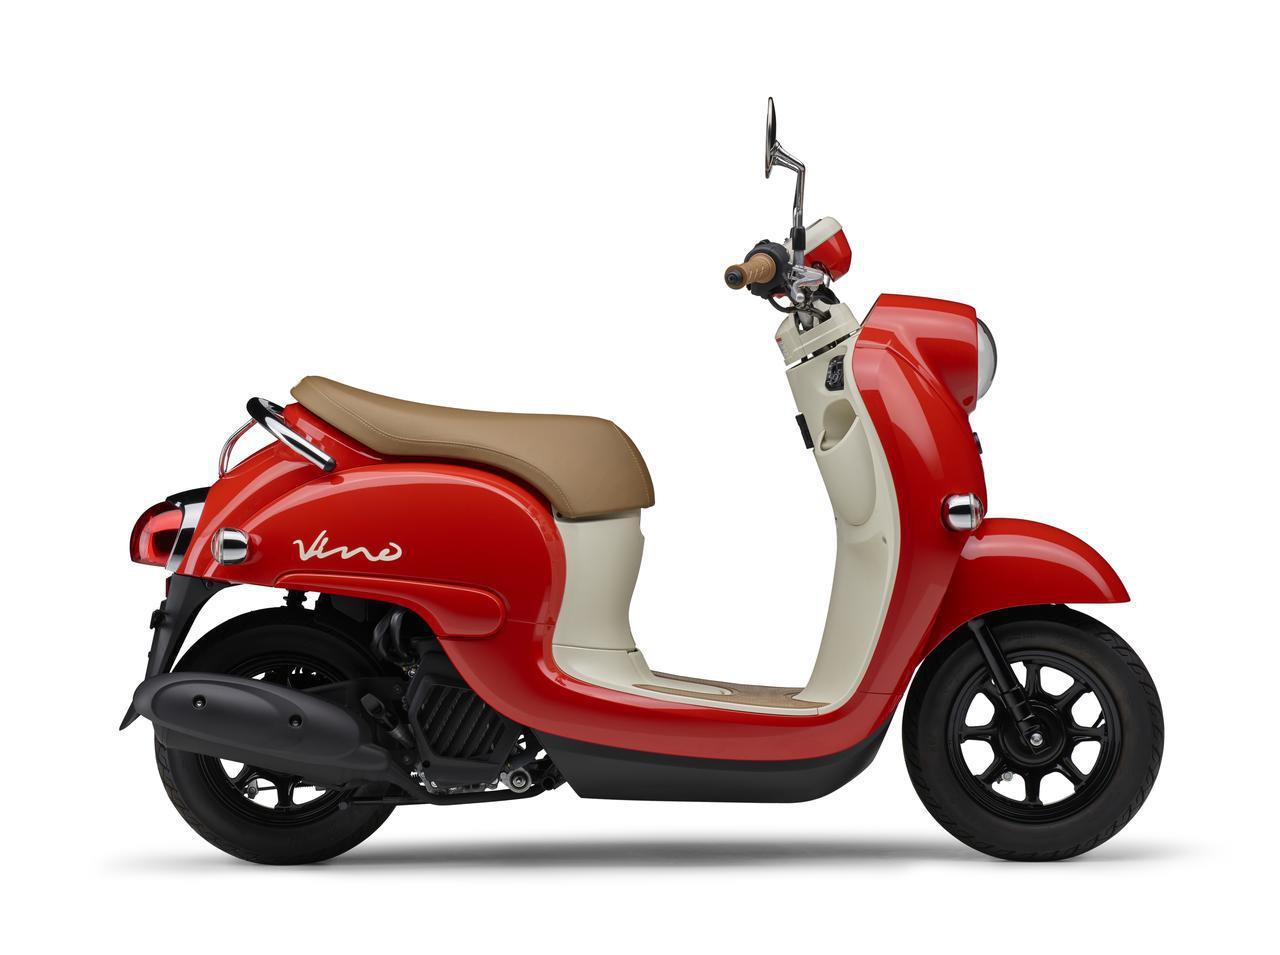 画像4: ヤマハが50ccスクーター「ビーノ」の2021年モデルを発表! ニューカラーは4色、合計6色の設定で発売